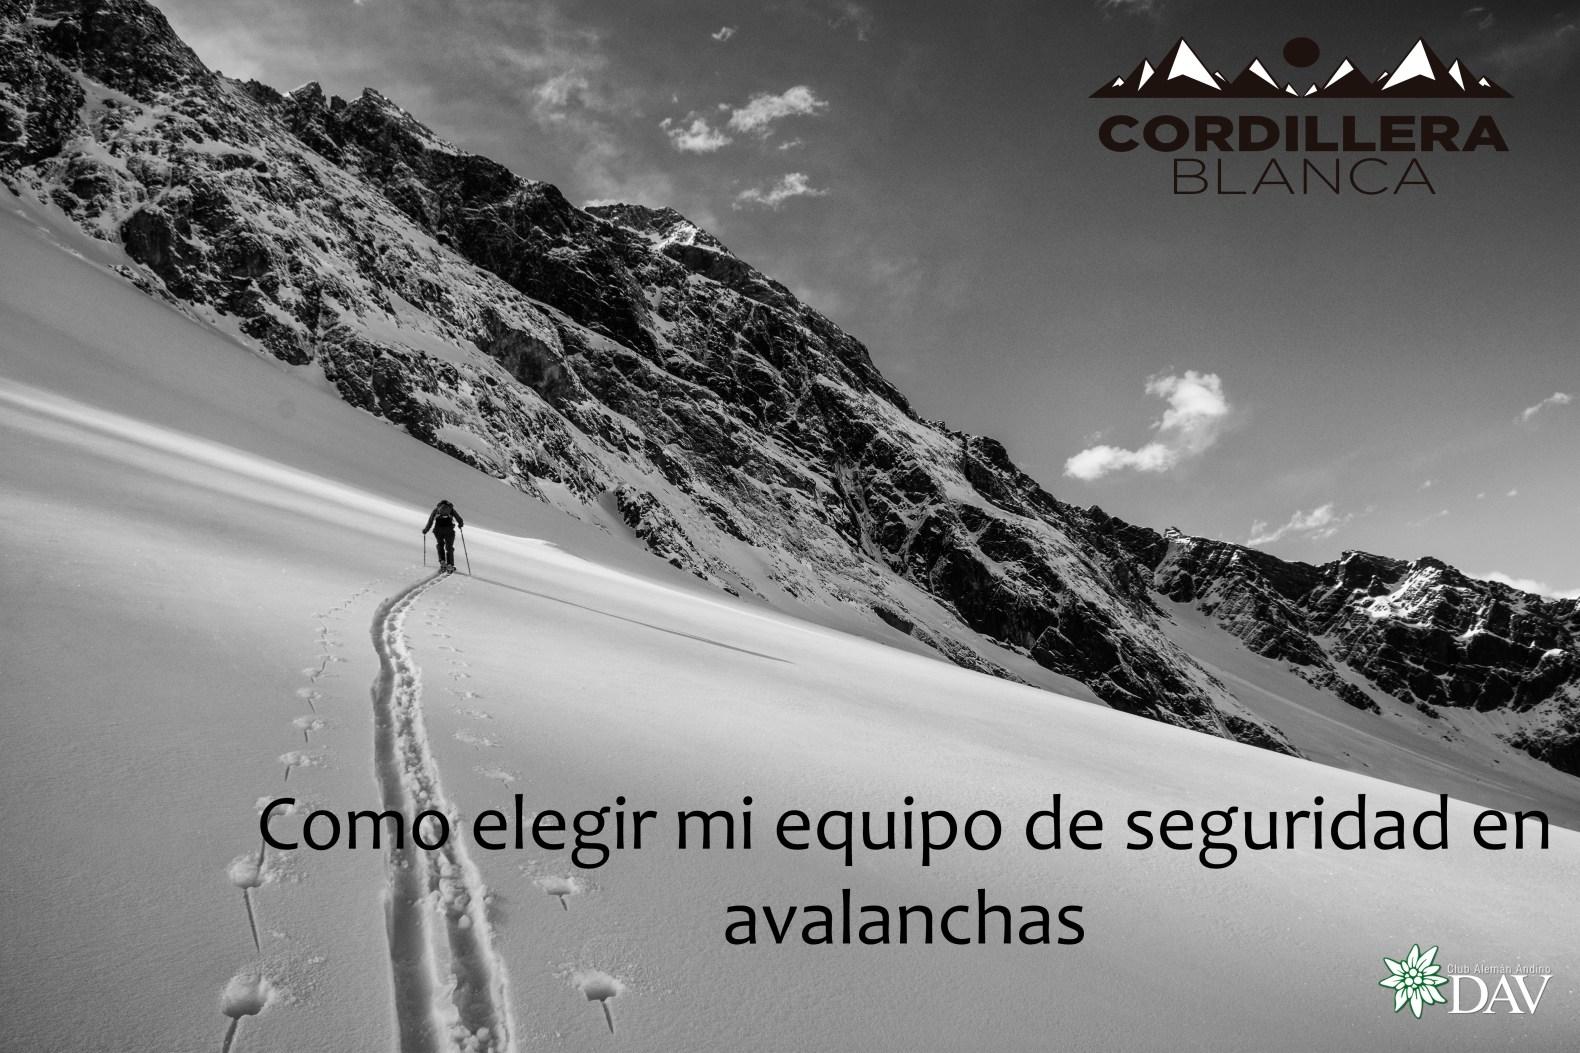 """Taller """"Cómo elegir mi equipo de seguridad en avalanchas"""" por Cordillera Blanca"""